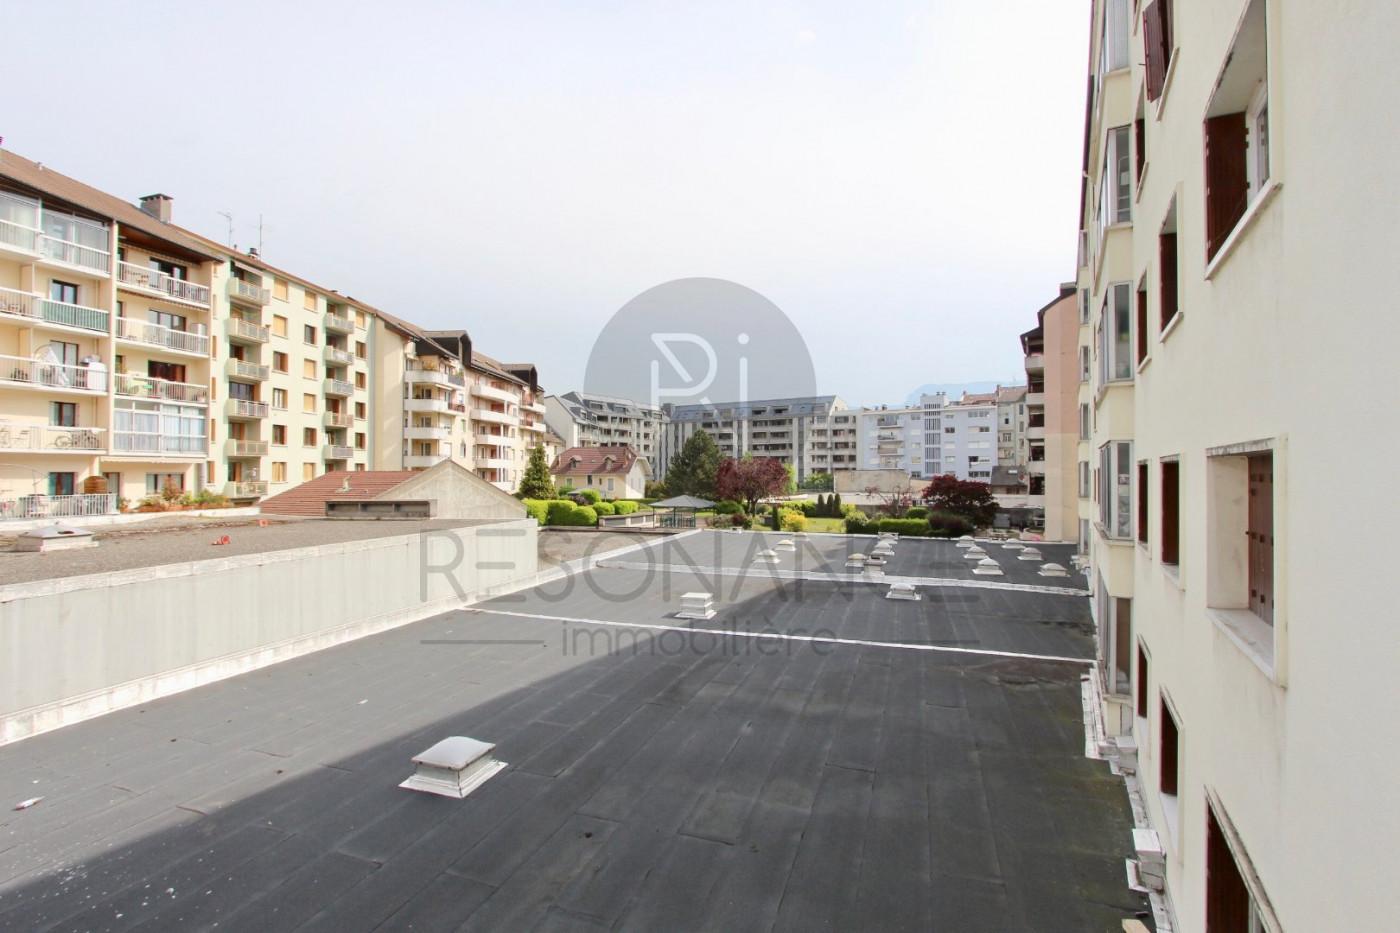 A vendre  Annecy   Réf 74023151 - Resonance immobilière